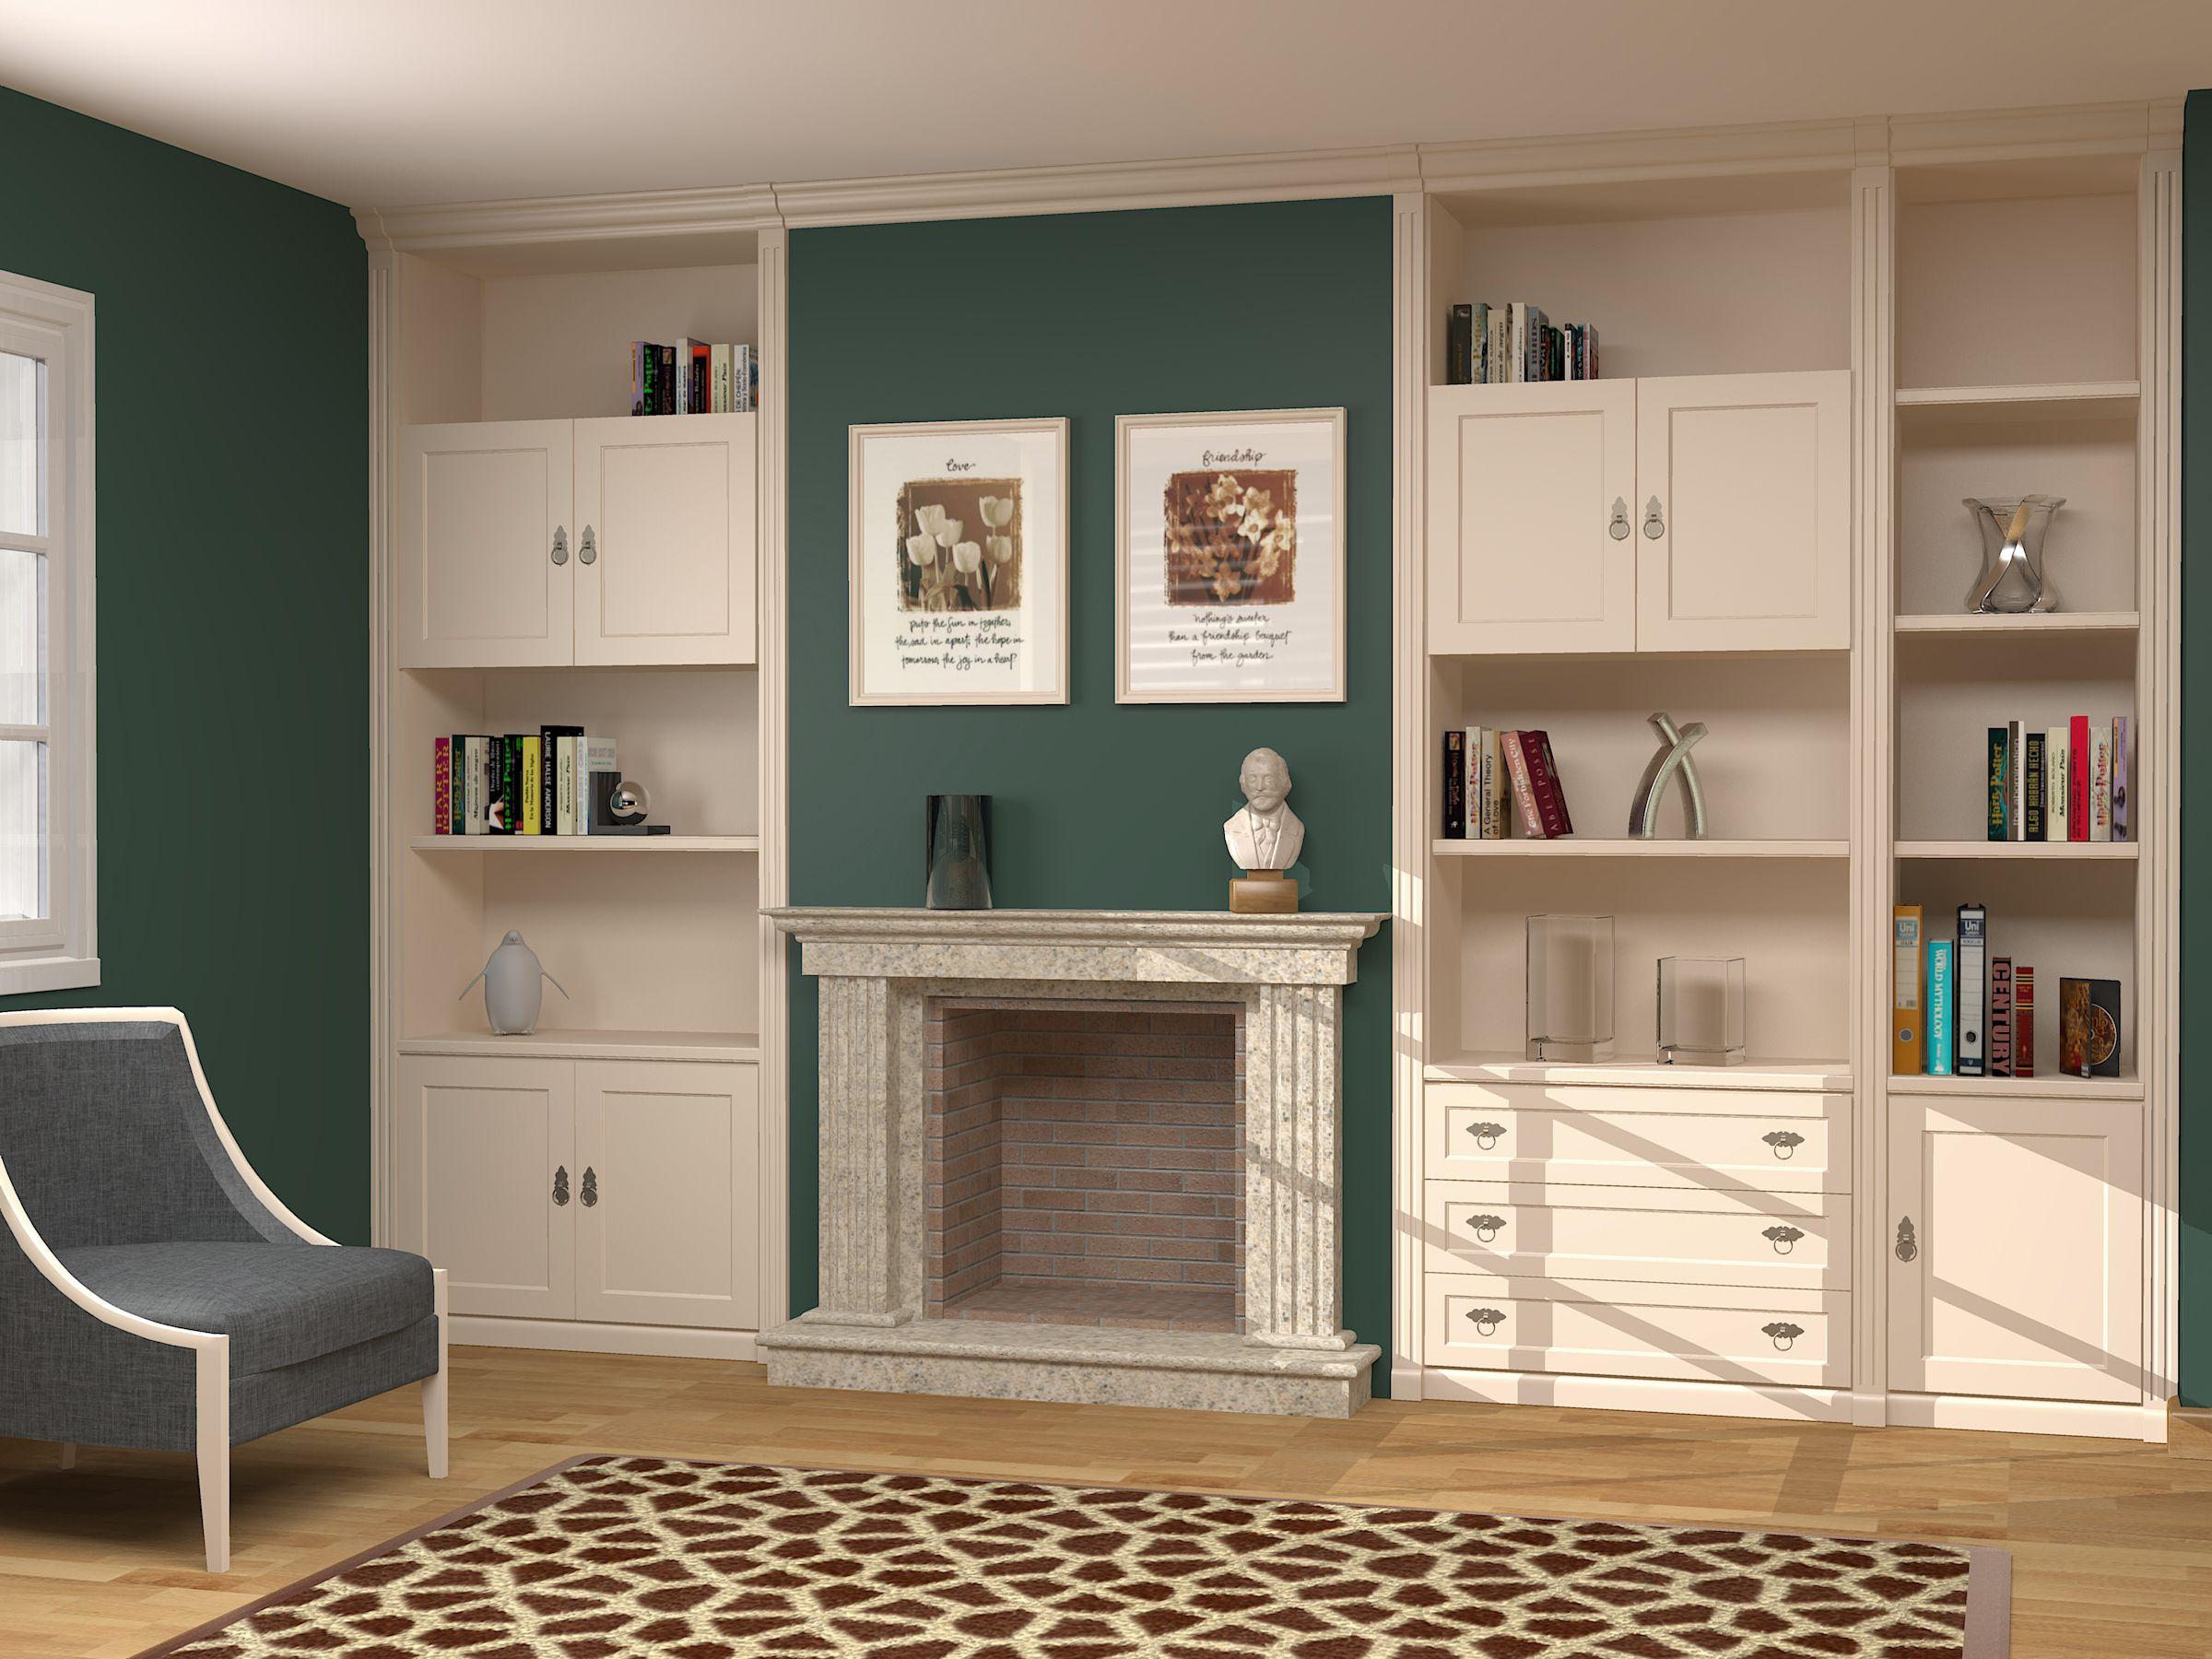 Muebles adaptados a chimenea completamente a medida, todo tipo de ...